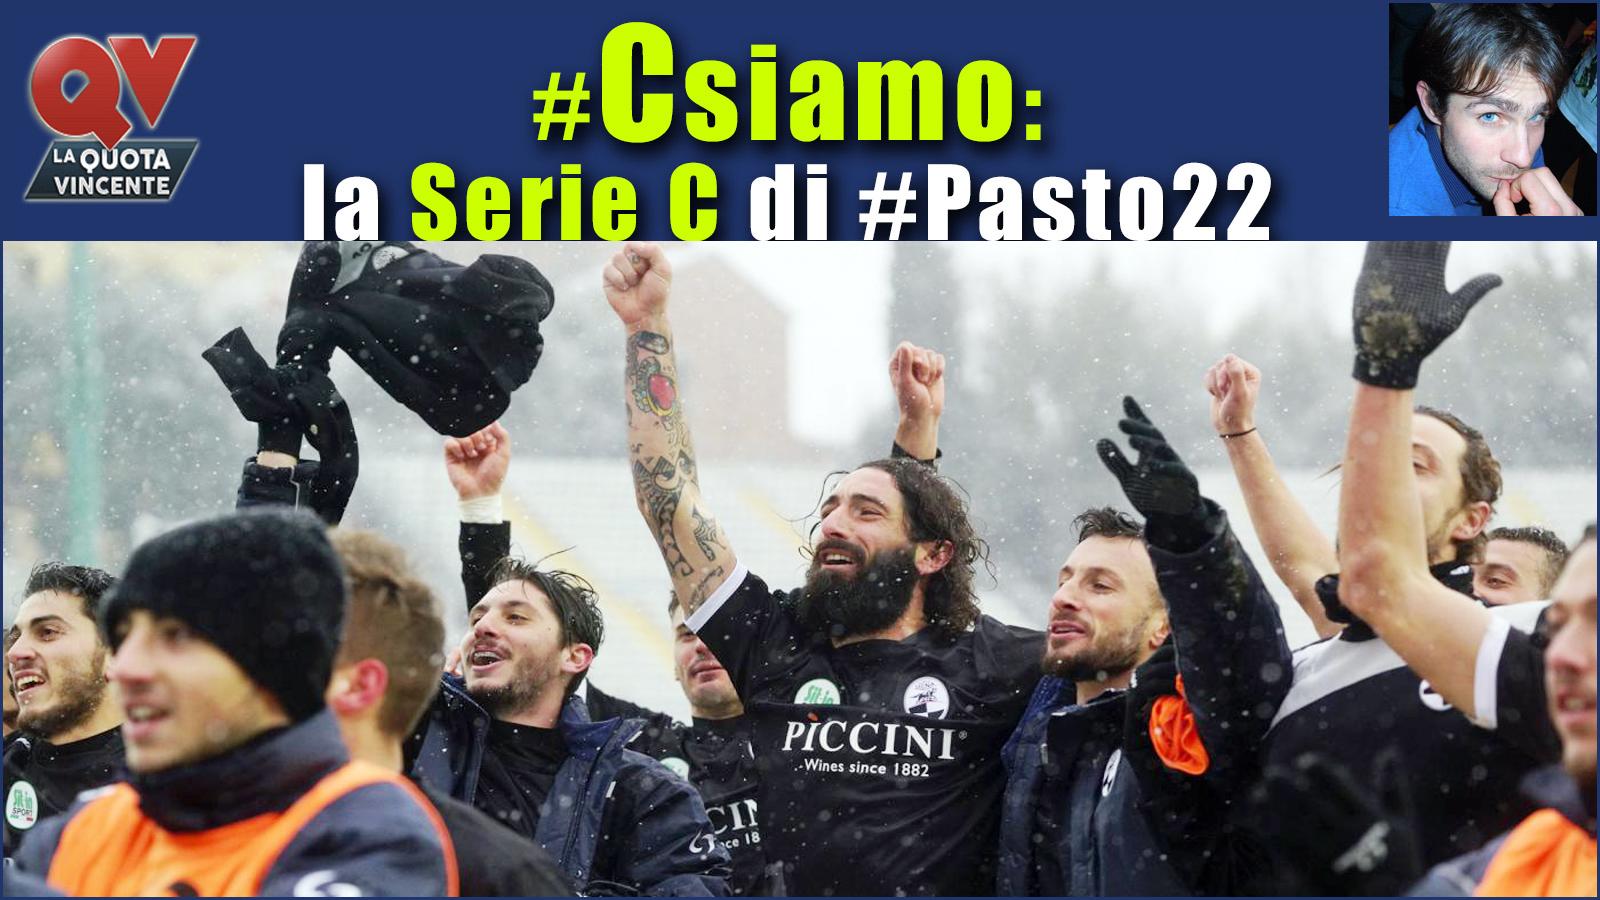 Pronostici Serie C sabato 3 marzo: #Csiamo, il blog di #Pasto22